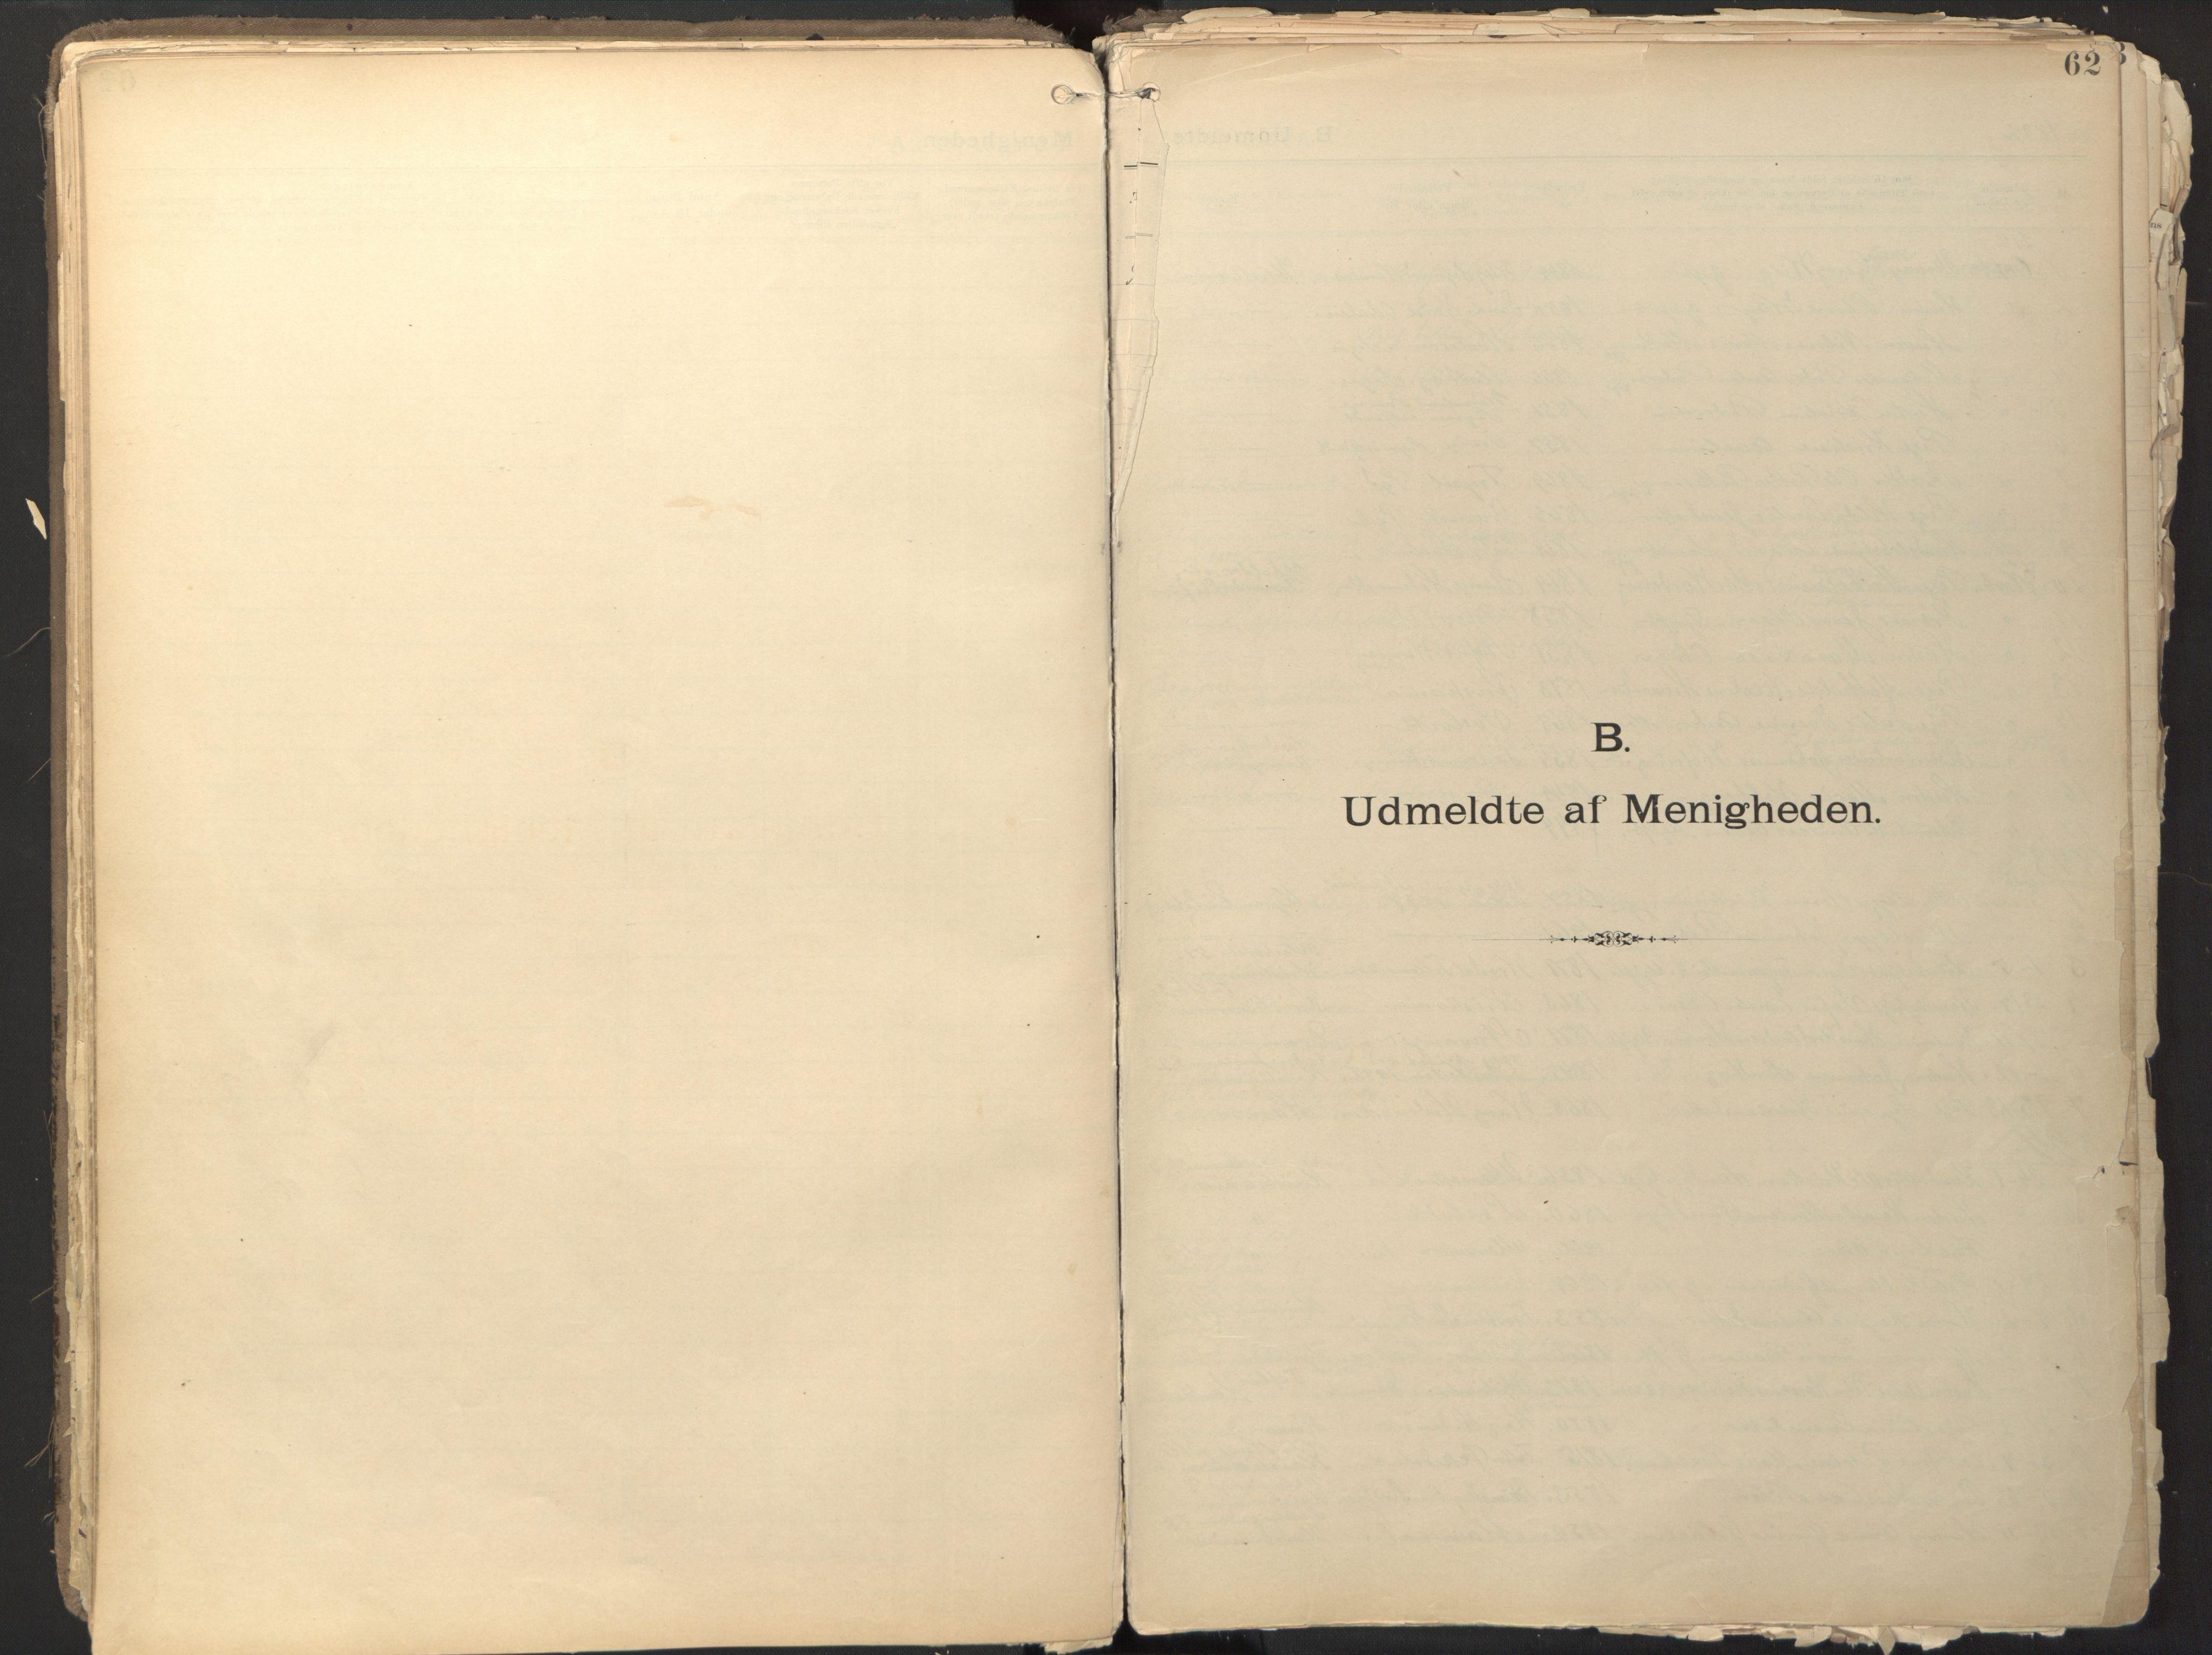 SAO, Den evangelisk-lutherske frikirke østre menighet, Oslo, D/L0002: Dissenterprotokoll nr. 2, 1892-1936, s. 62